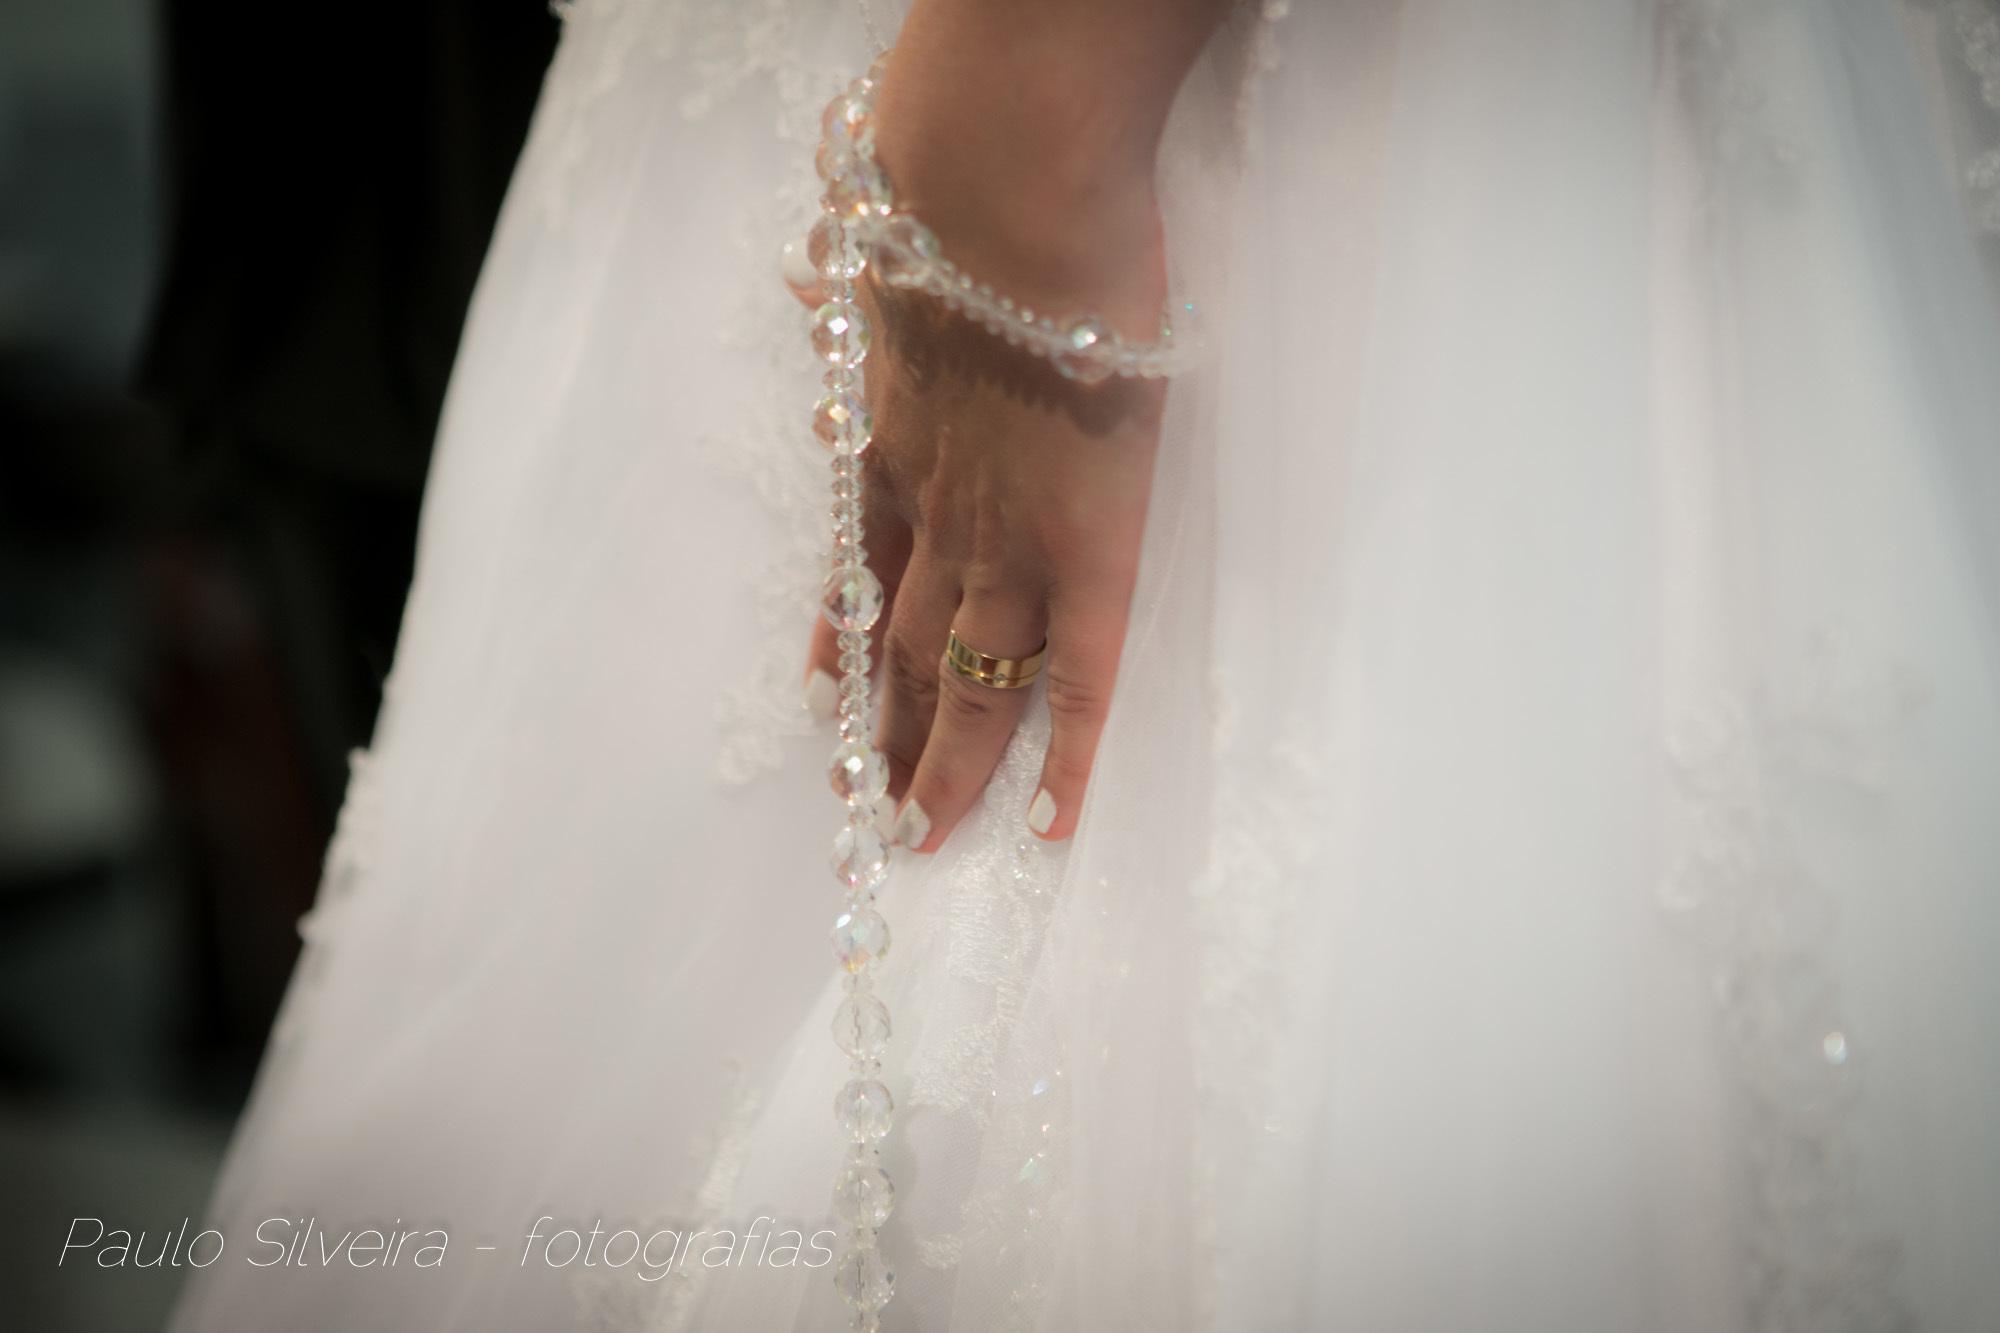 Contate Paulo Silveira Fotografia - Fotógrafo de Casamento em Pouso Alegre e Região - MG